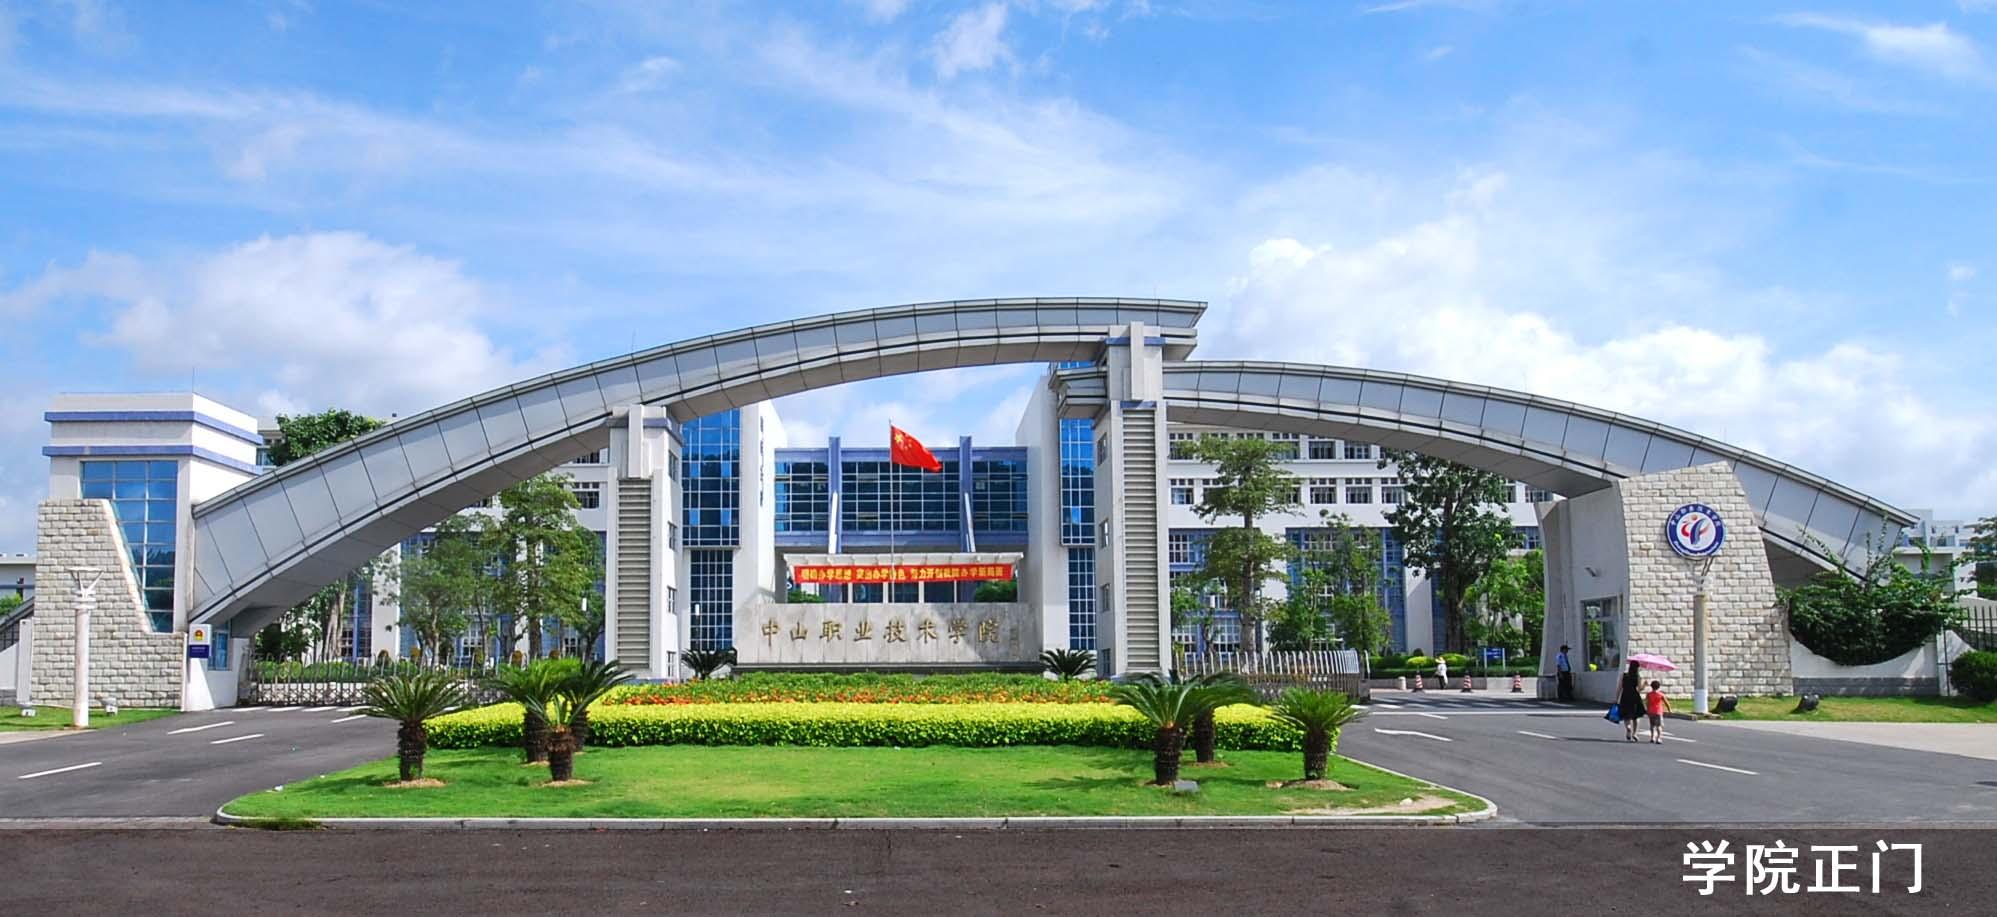 学院设有机电工程系,电子信息工程系,计算机工程系,经济管理系,艺术